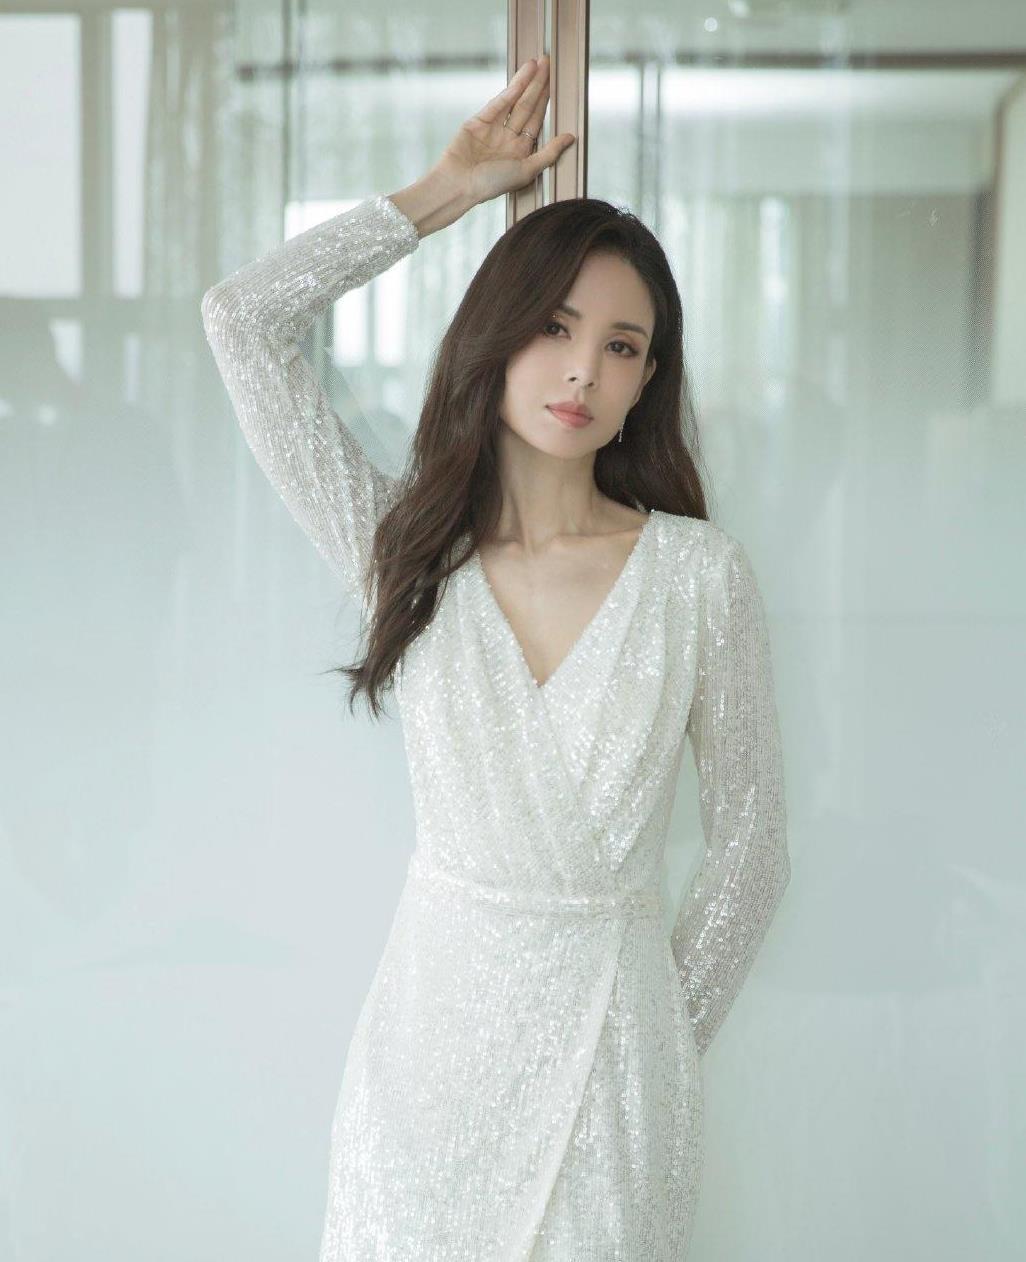 李若彤自曝年龄!54岁穿白色V领短裙露骨感身材,依旧是神仙气